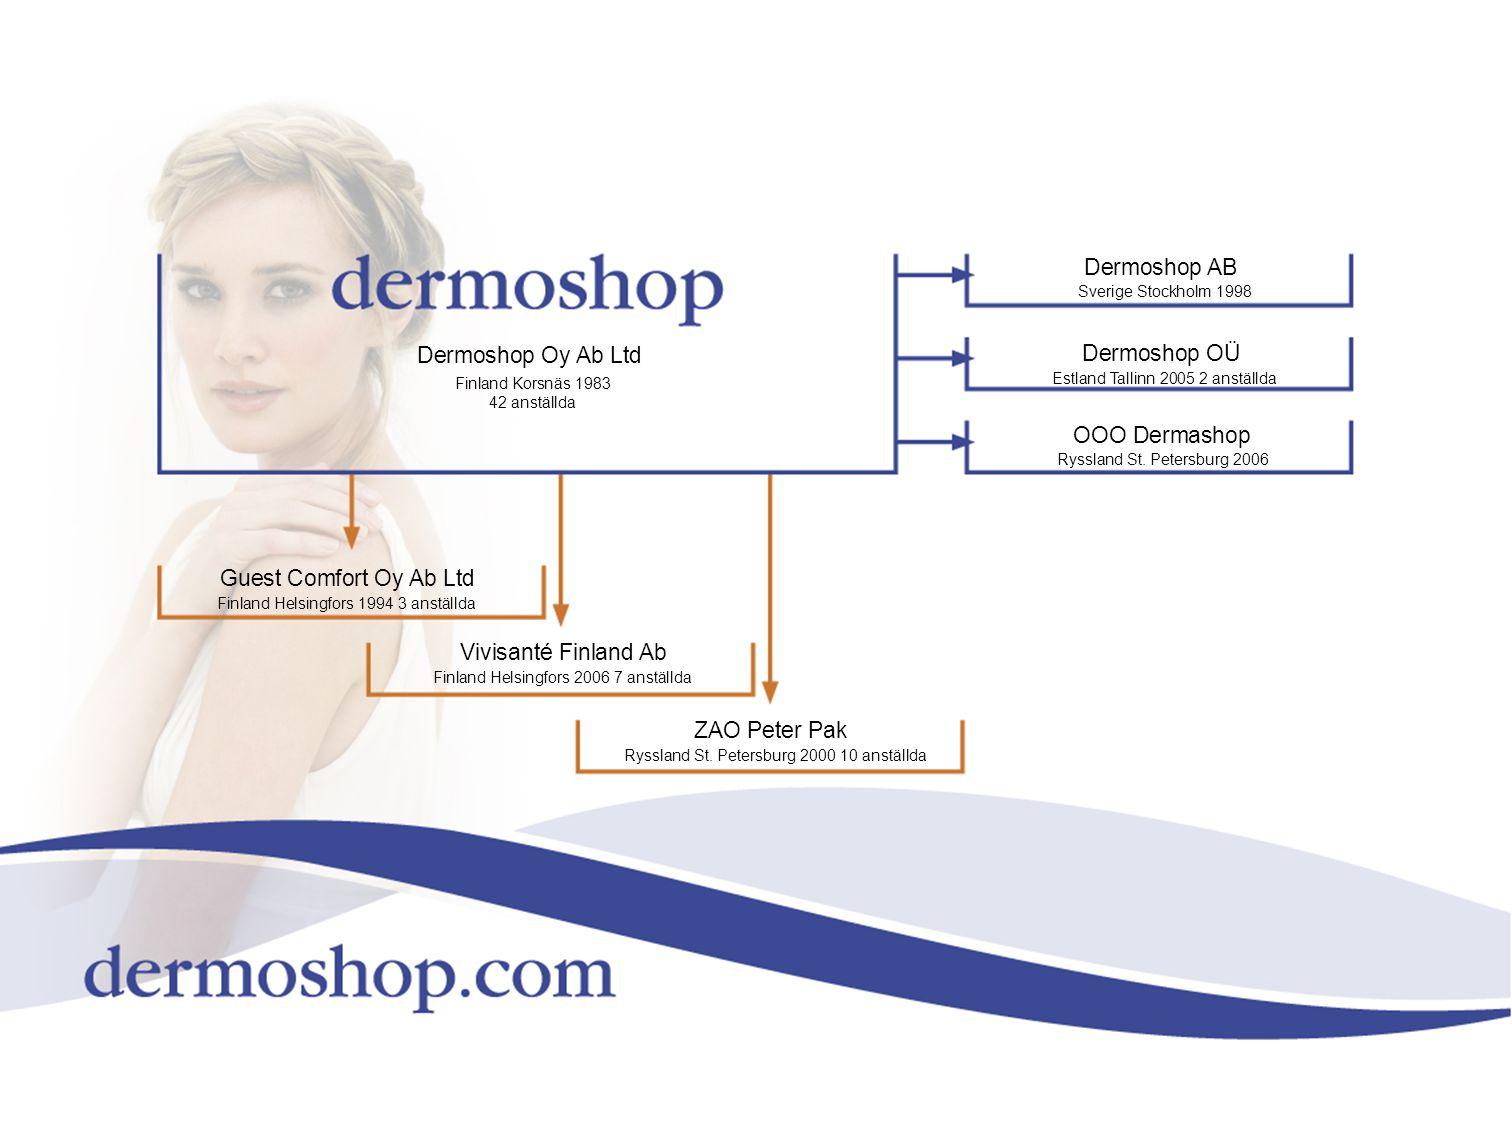 Dermoshop AB Dermoshop Oy Ab Ltd Dermoshop OÜ OOO Dermashop